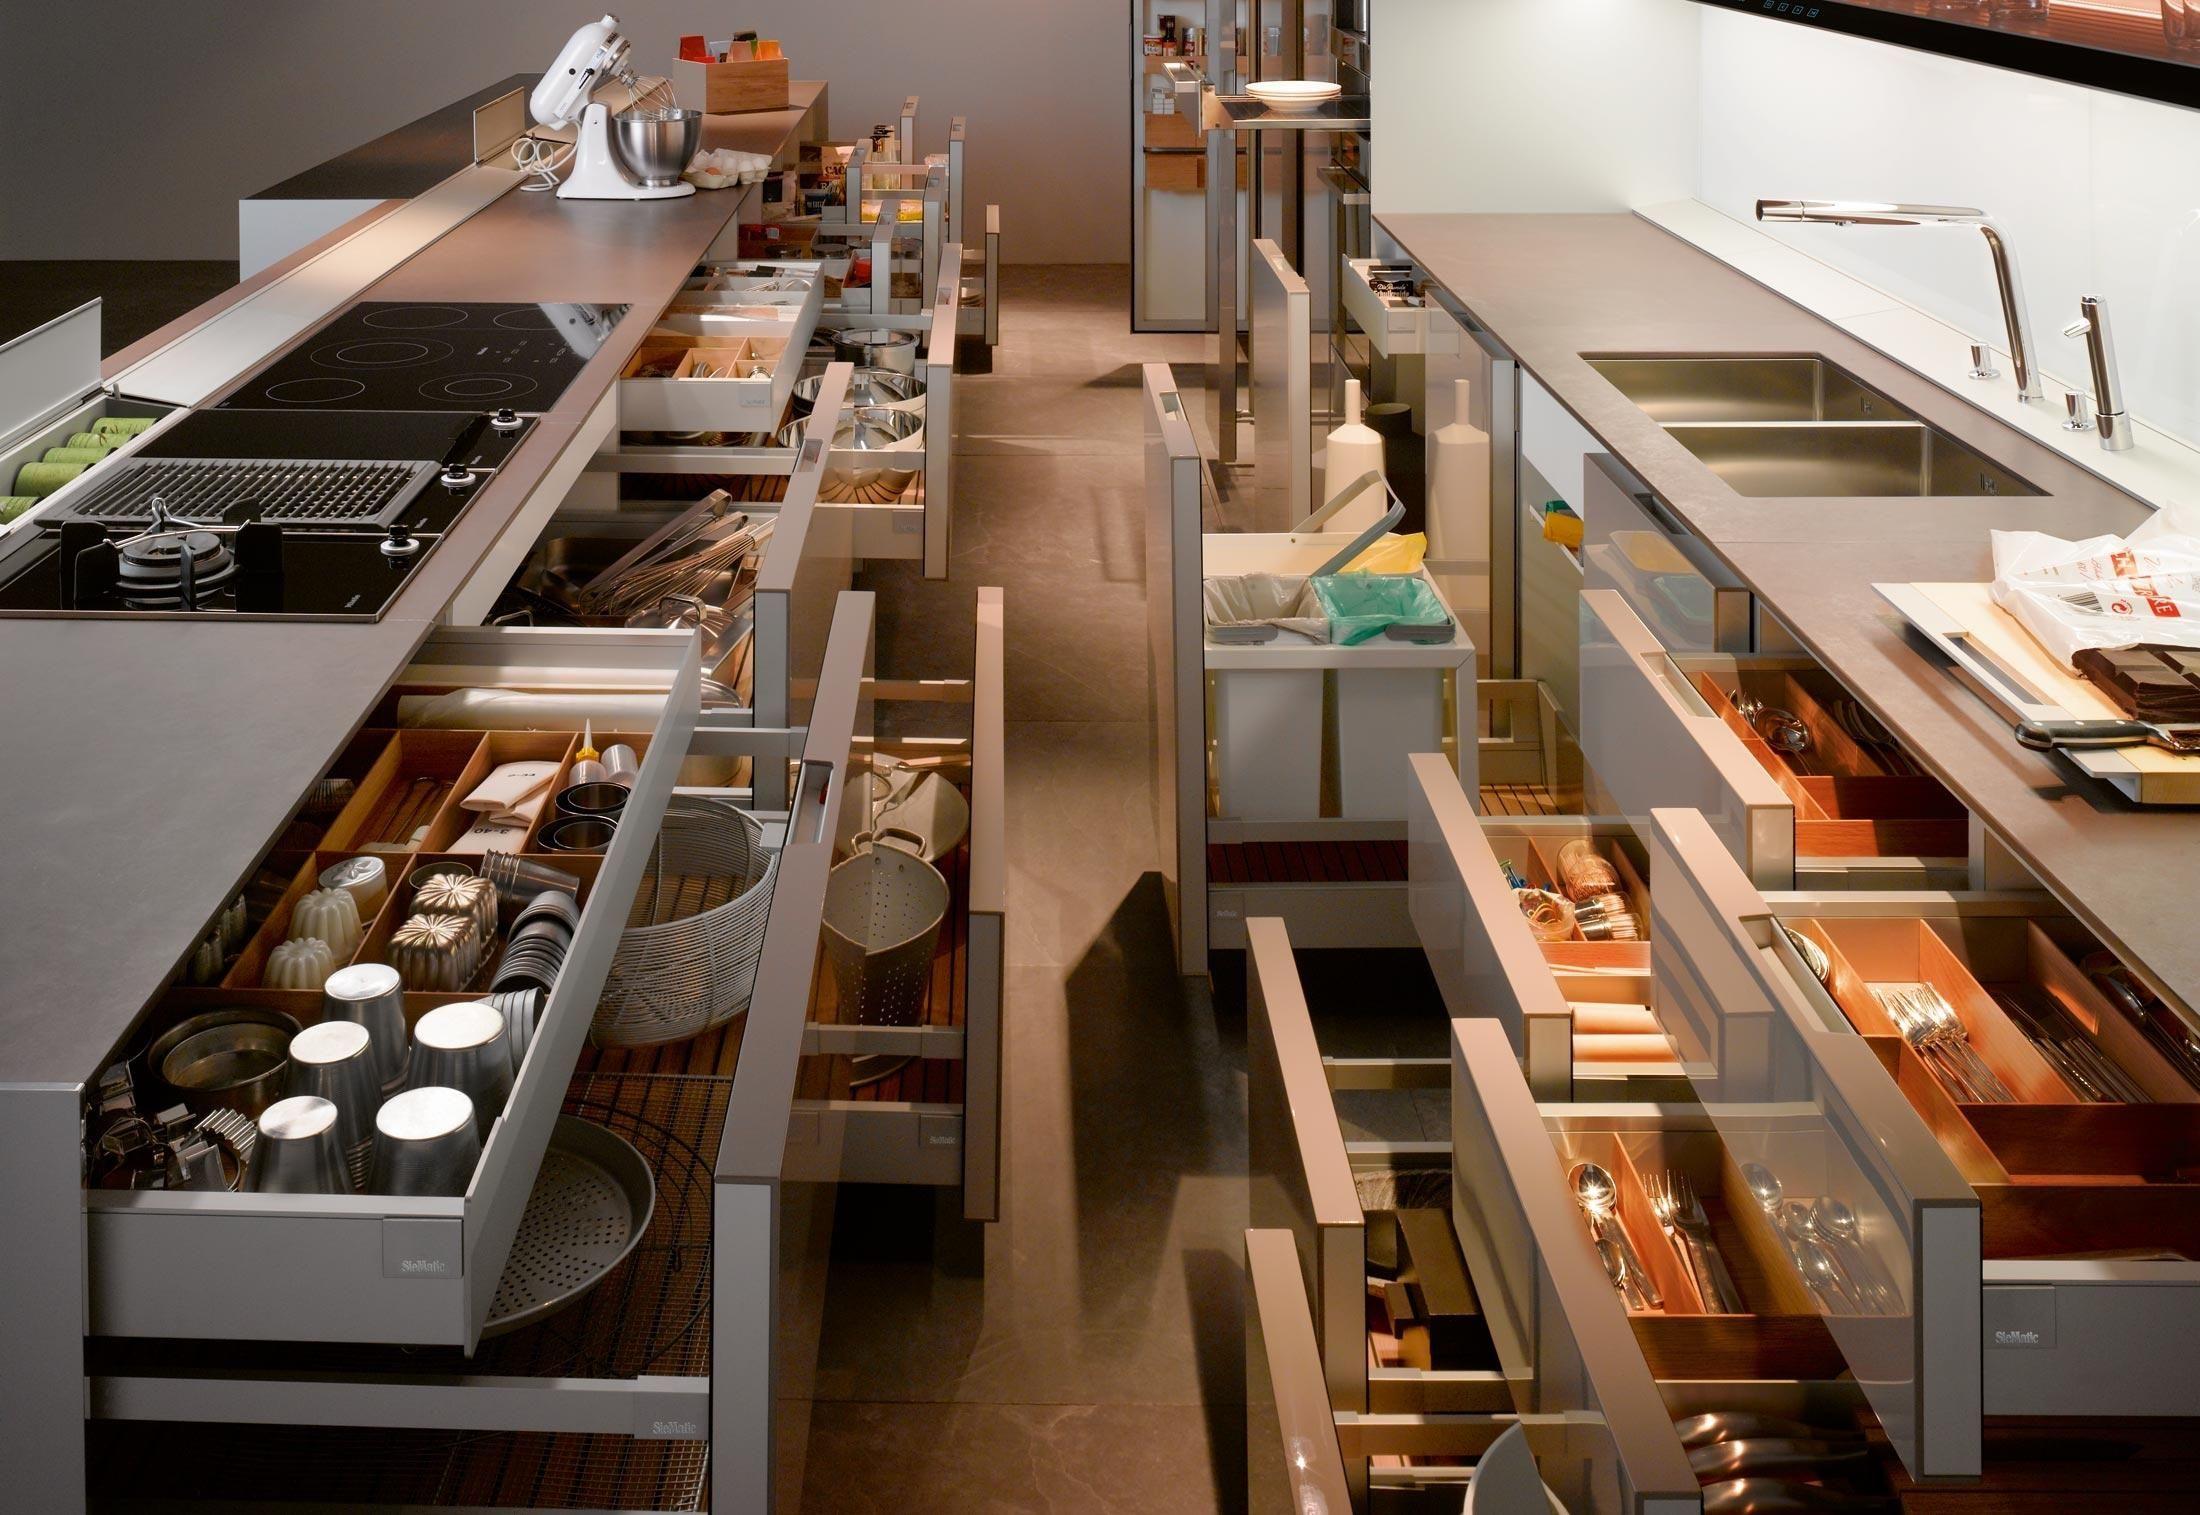 72 Die Meisten Bekannten Kuche Schrank Schublade Organisatoren Flair Standard Schranktu Future Kitchen Design Small Kitchen Storage Solutions Stylish Kitchen